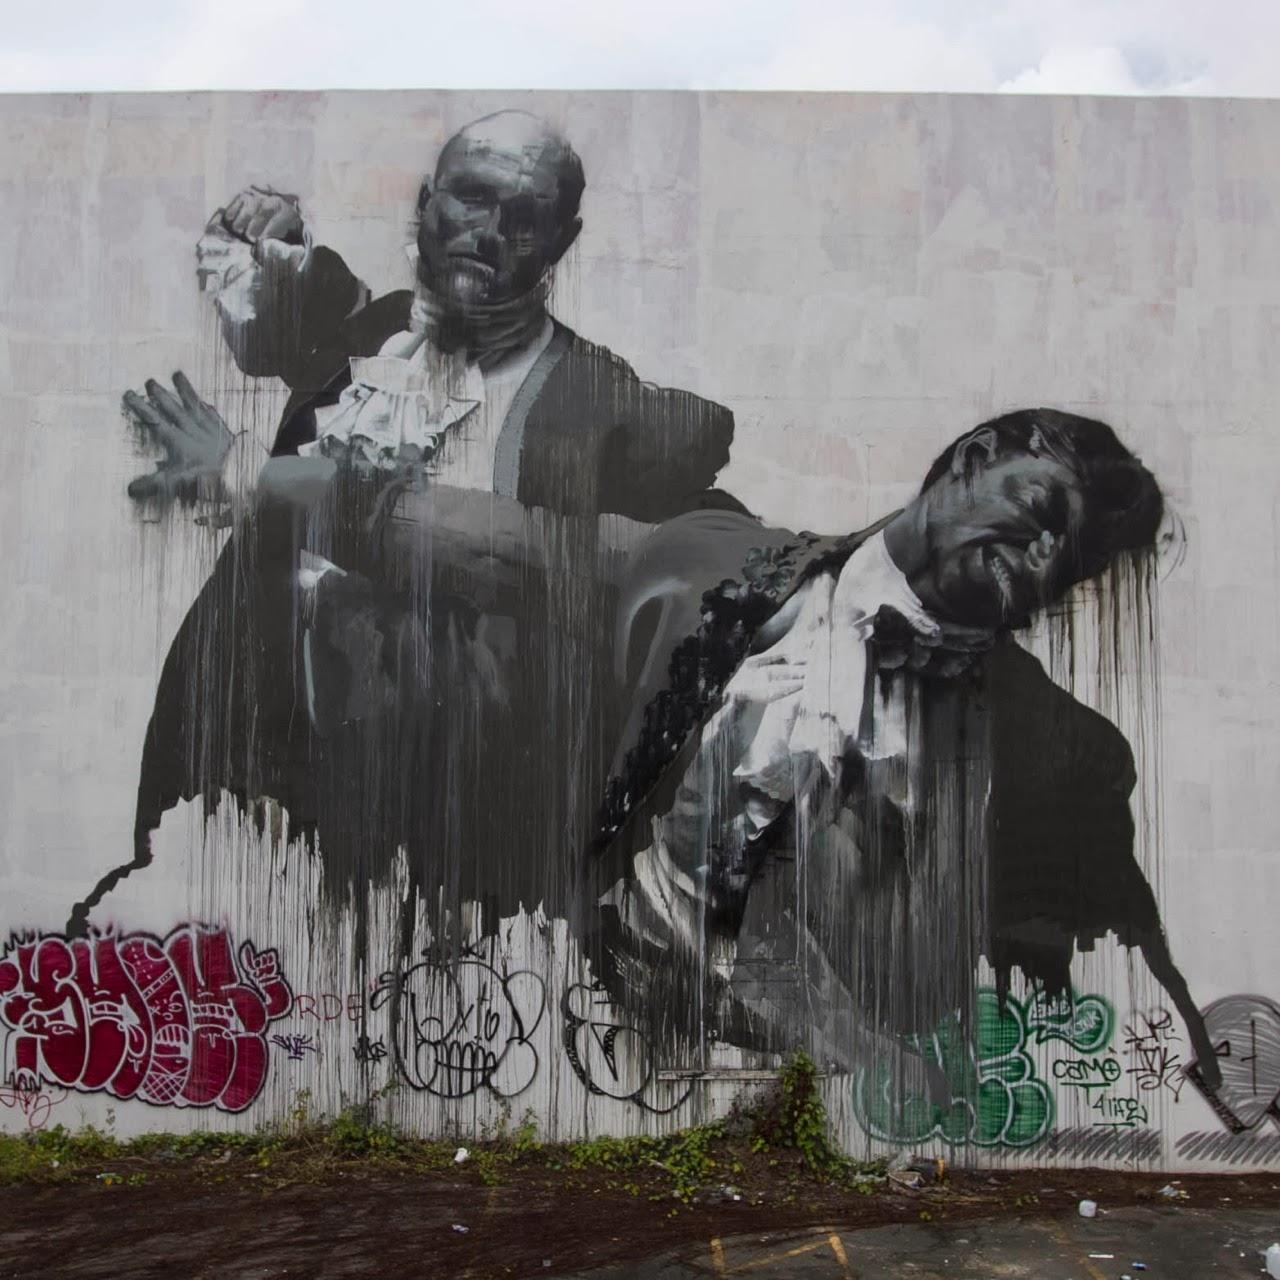 conor-harrington-mural-for-los-muros-hablan-part2-04